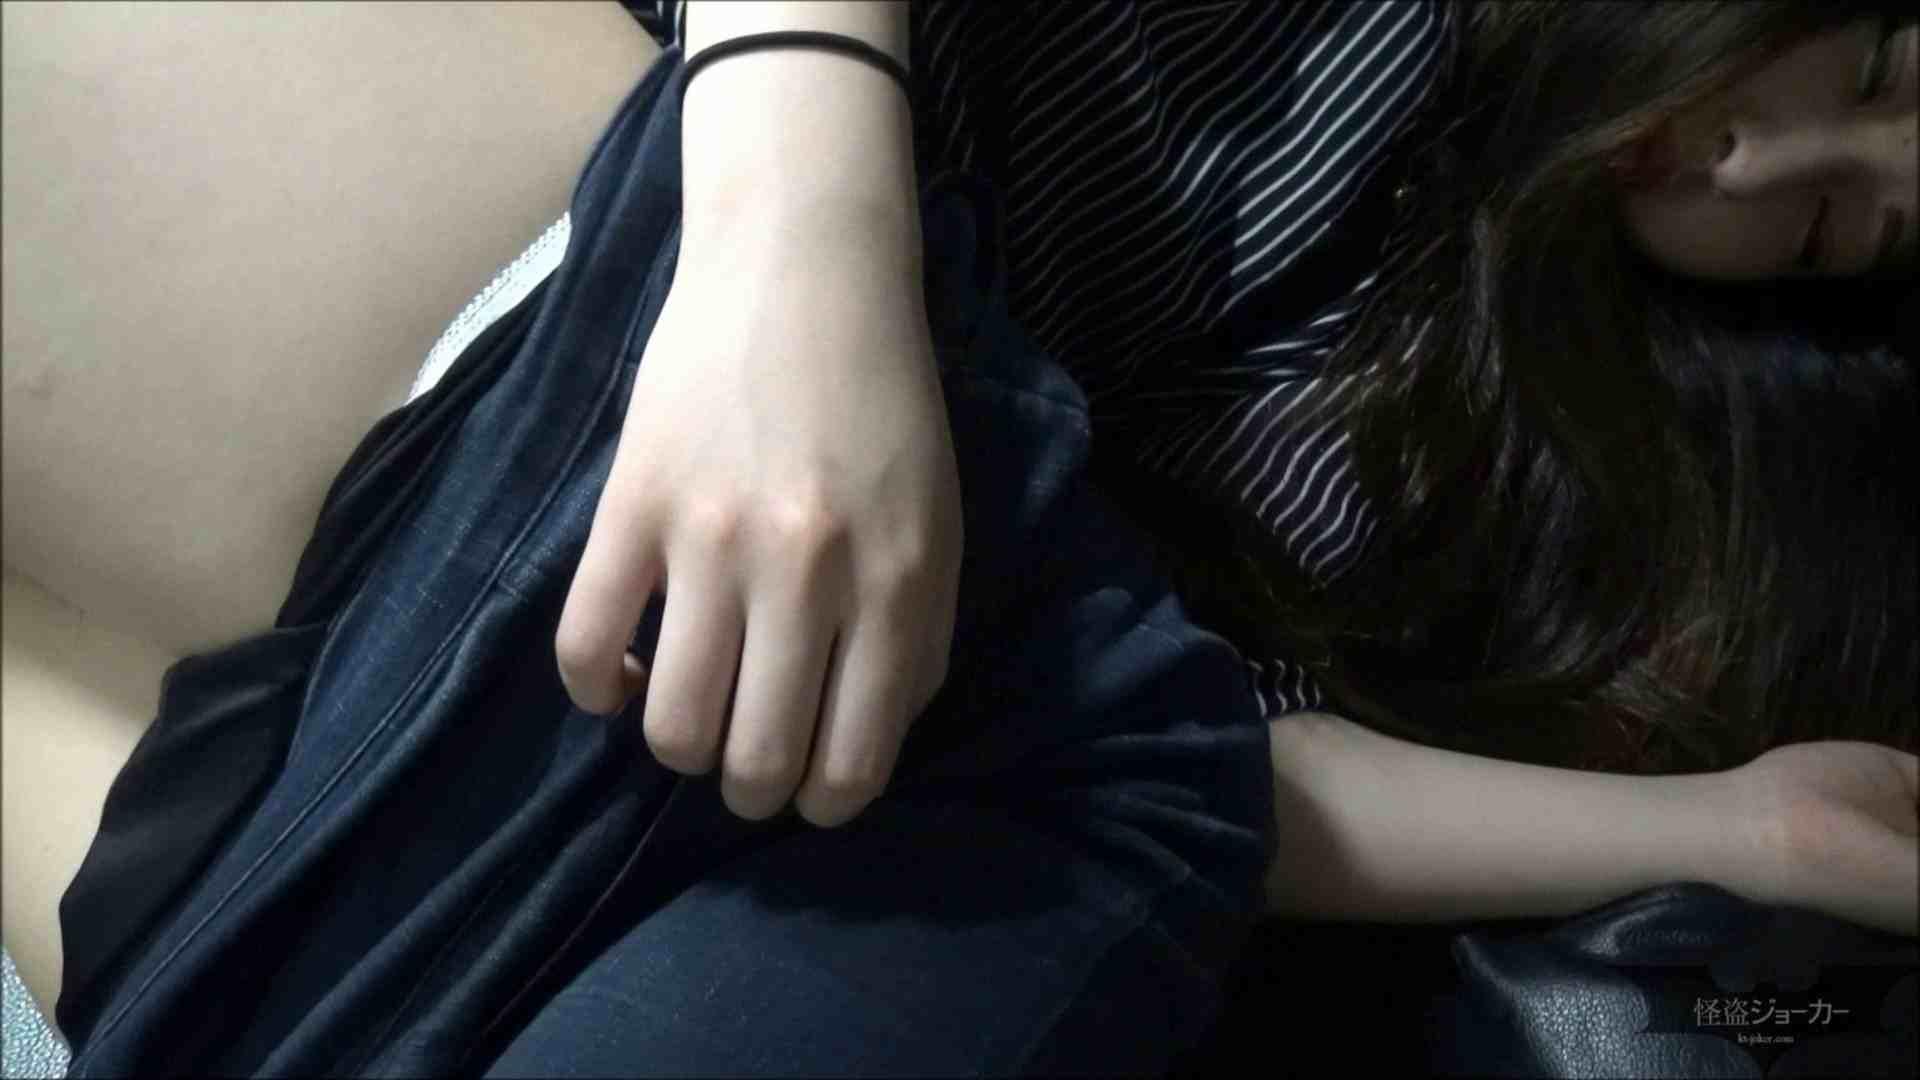 【未公開】vol.89 {黒髪女子18歳}押しに弱いYURIちゃん。 OLの実態 覗き性交動画流出 83pic 8